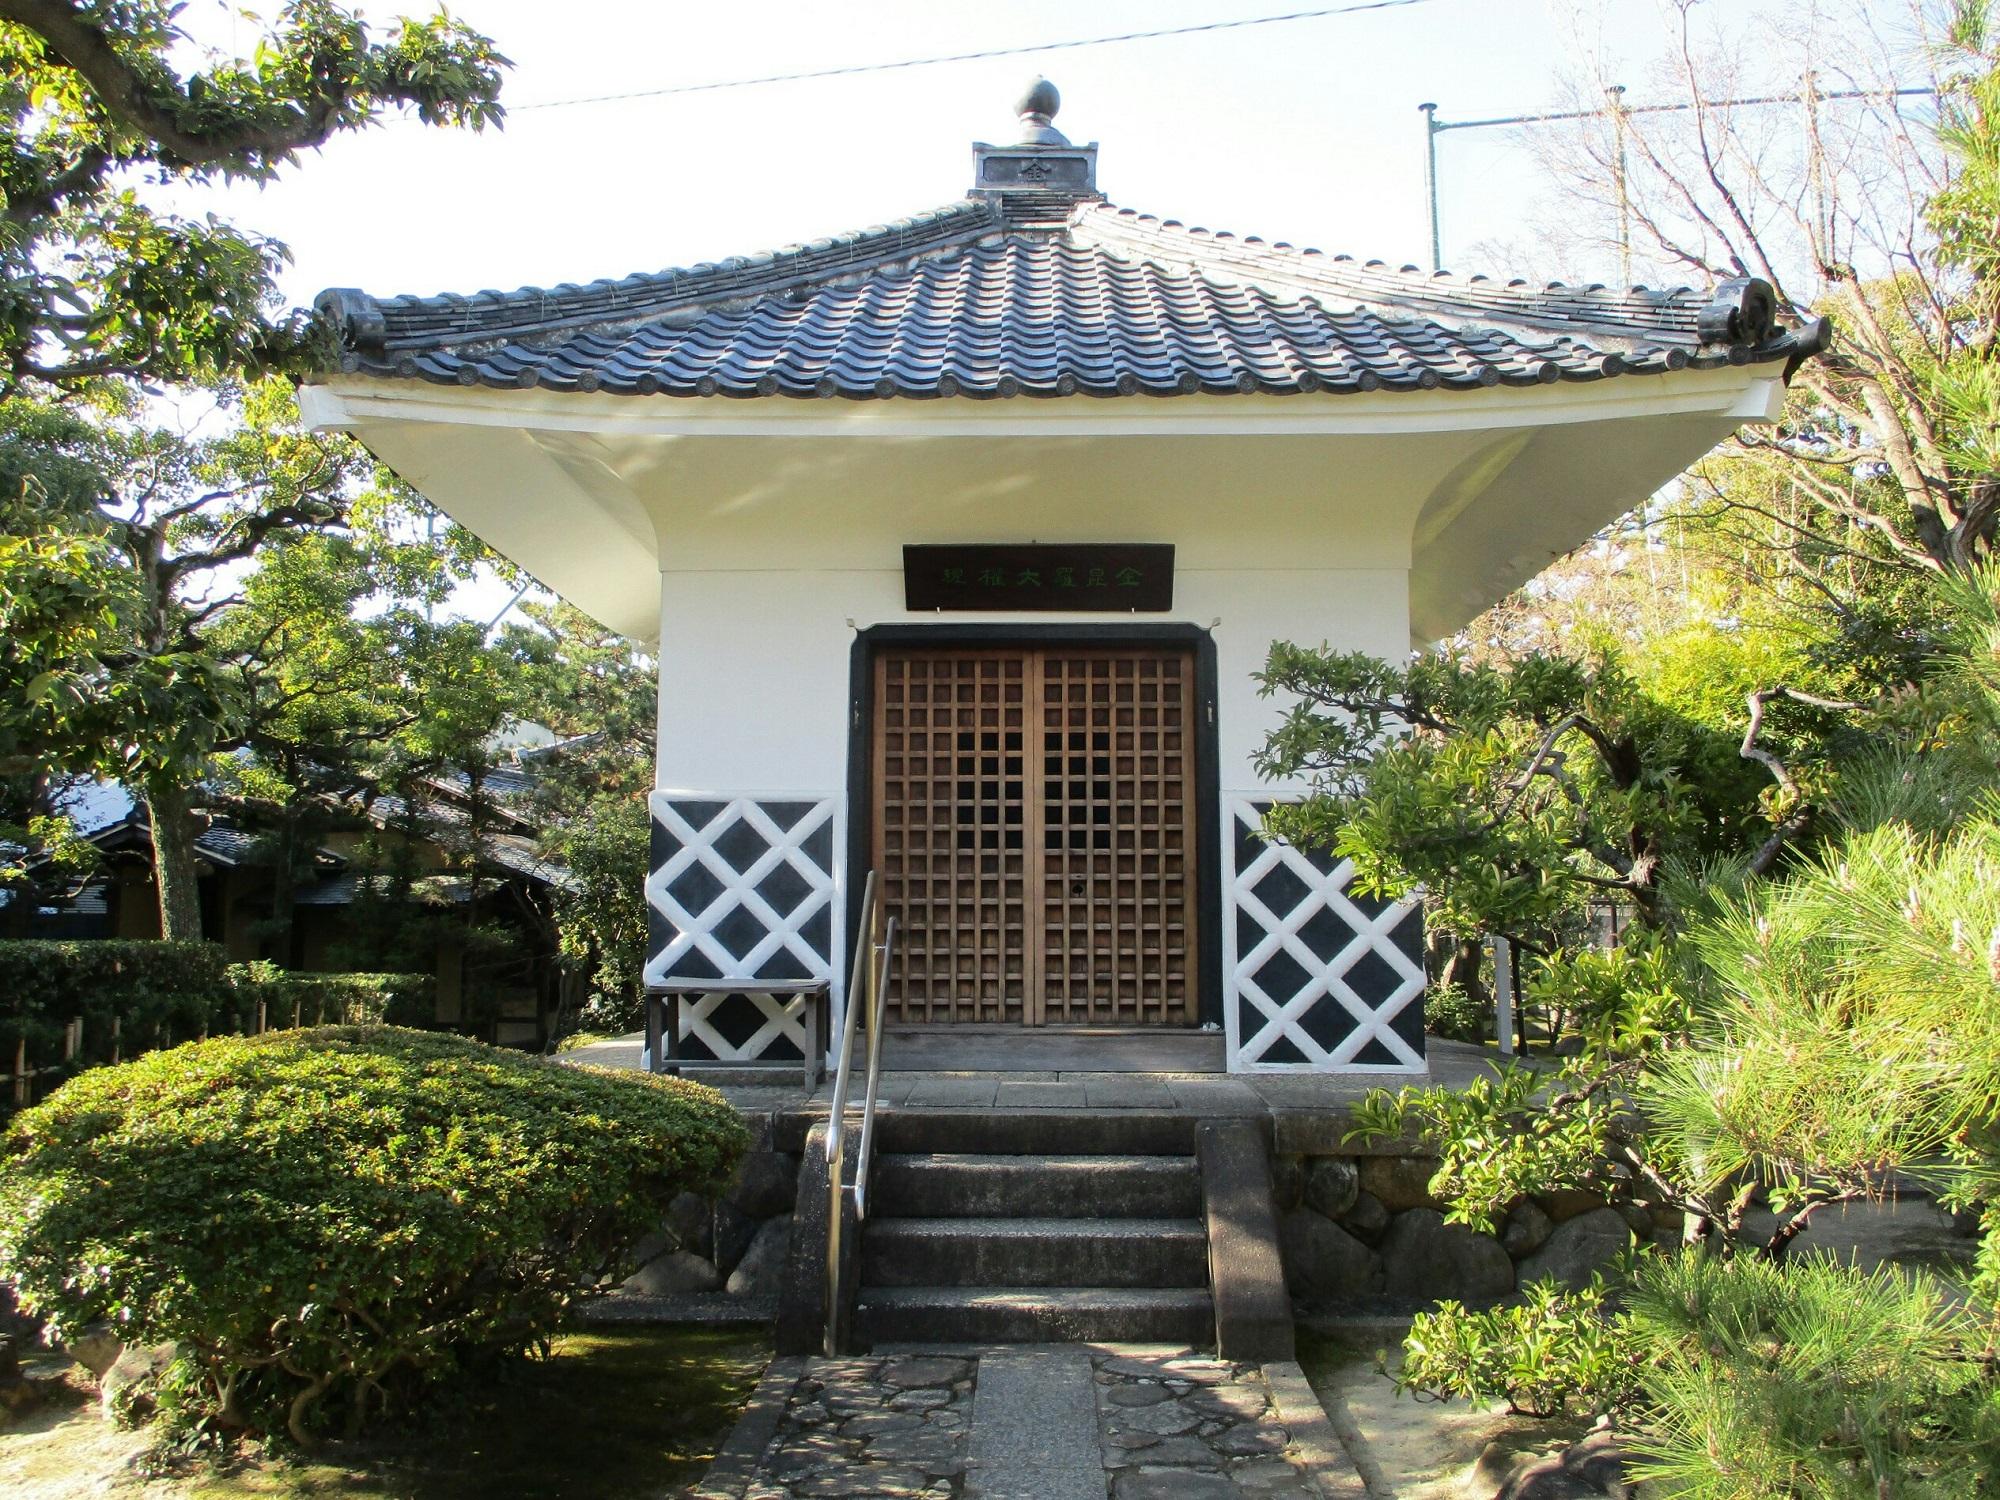 2019.1.16 (44) 青大悲寺 - 金毘羅大権現 2000-1500